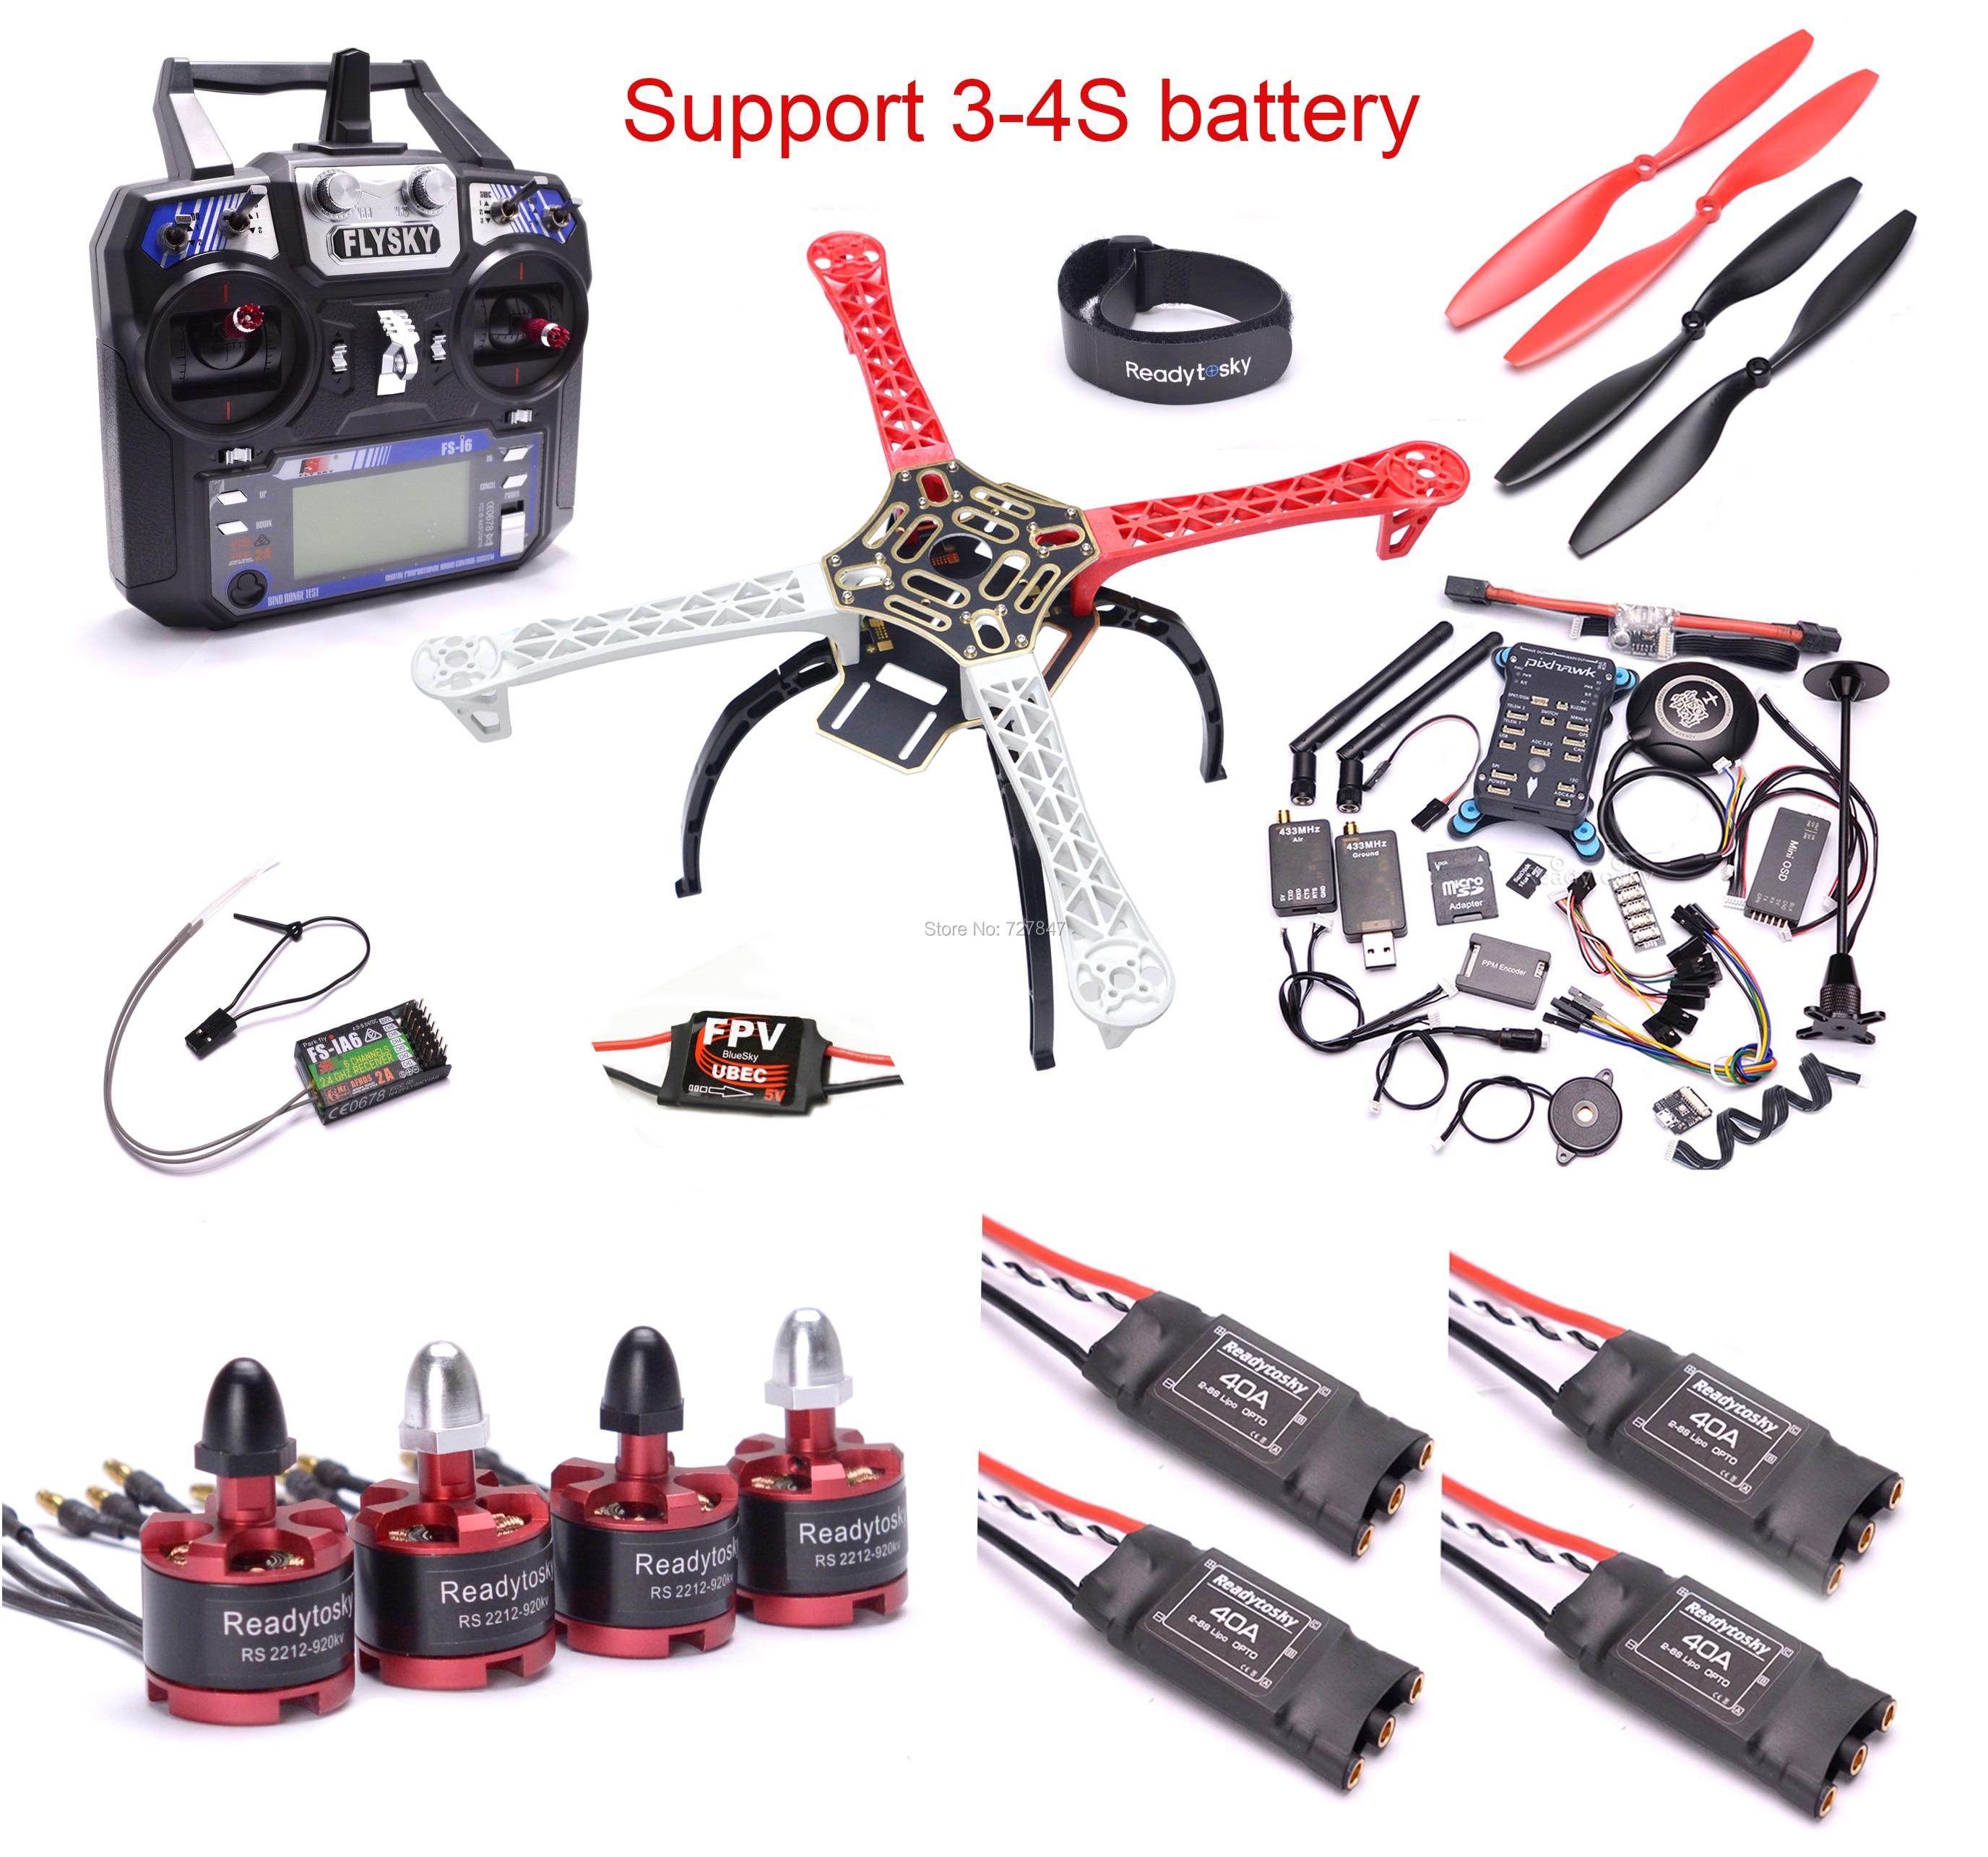 F450 450mm/X500 500mm Kit cadre quadrirotor PIXHAWK 2.4.8 commande de vol M8N GPS 40A sans balai ESC 2212 920KV moteur Flysky I6F450 450mm/X500 500mm Kit cadre quadrirotor PIXHAWK 2.4.8 commande de vol M8N GPS 40A sans balai ESC 2212 920KV moteur Flysky I6